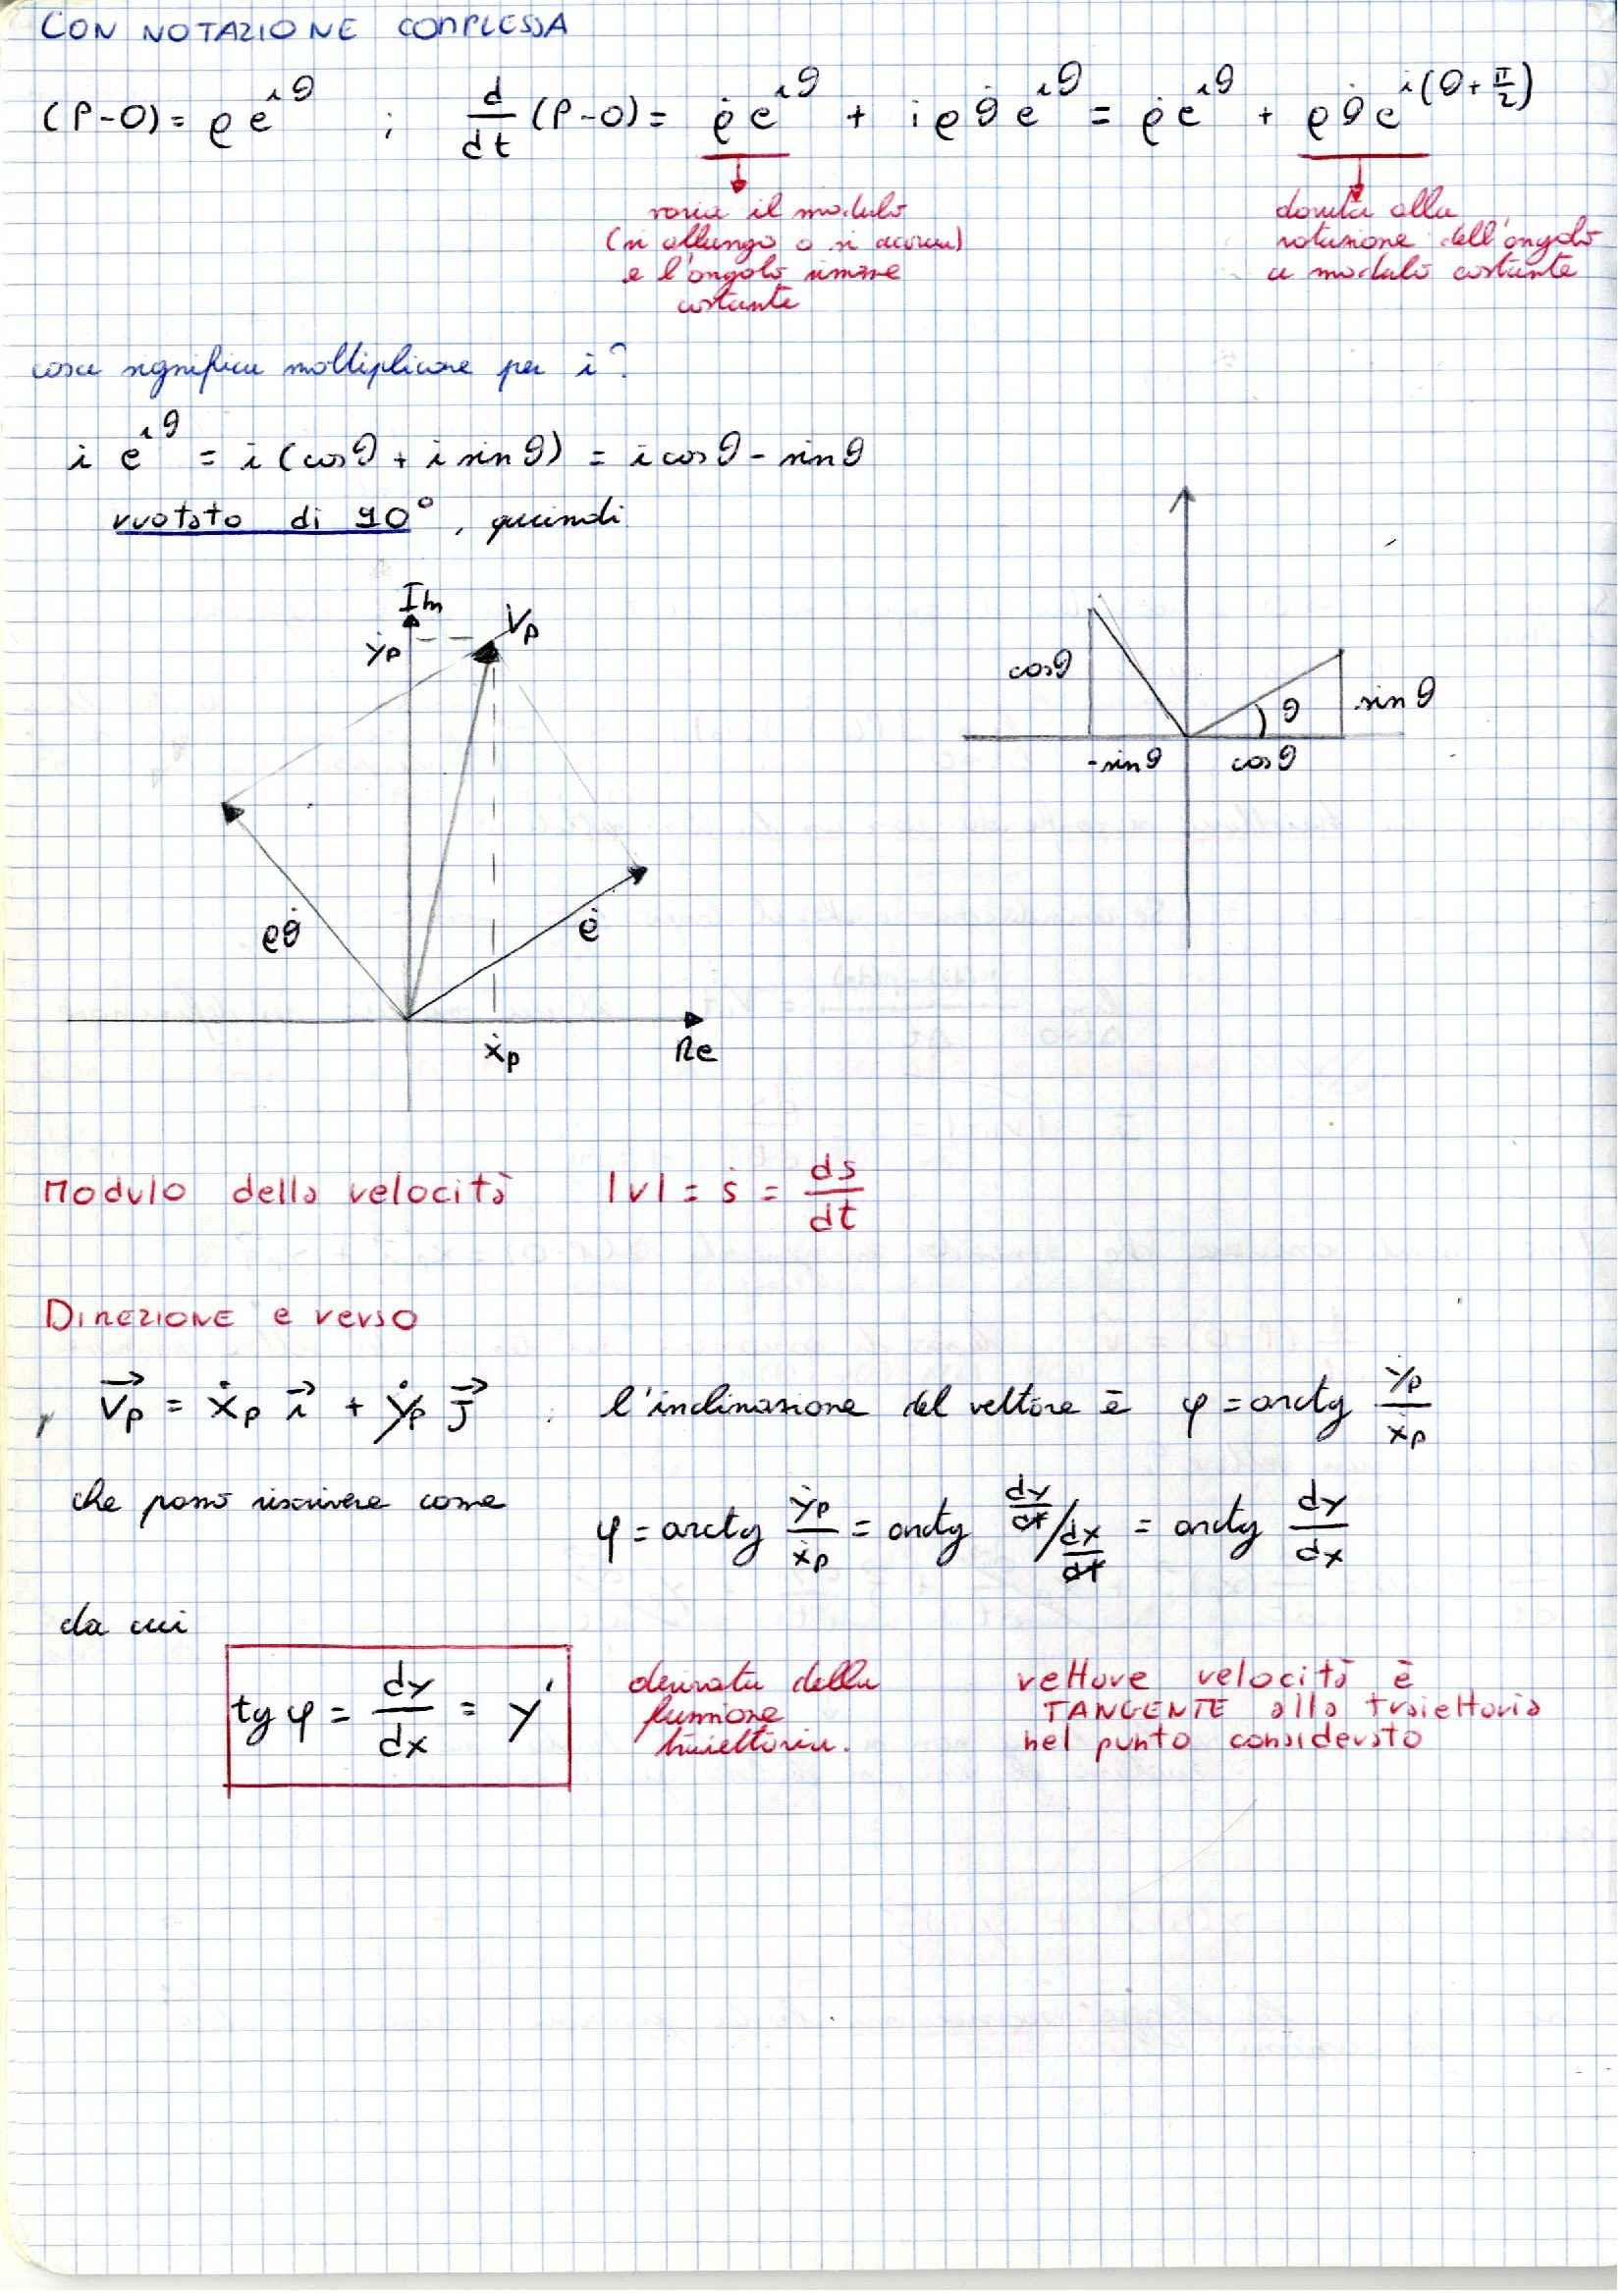 Meccanica applicata alle macchine -  Appunti (prima parte) Pag. 6